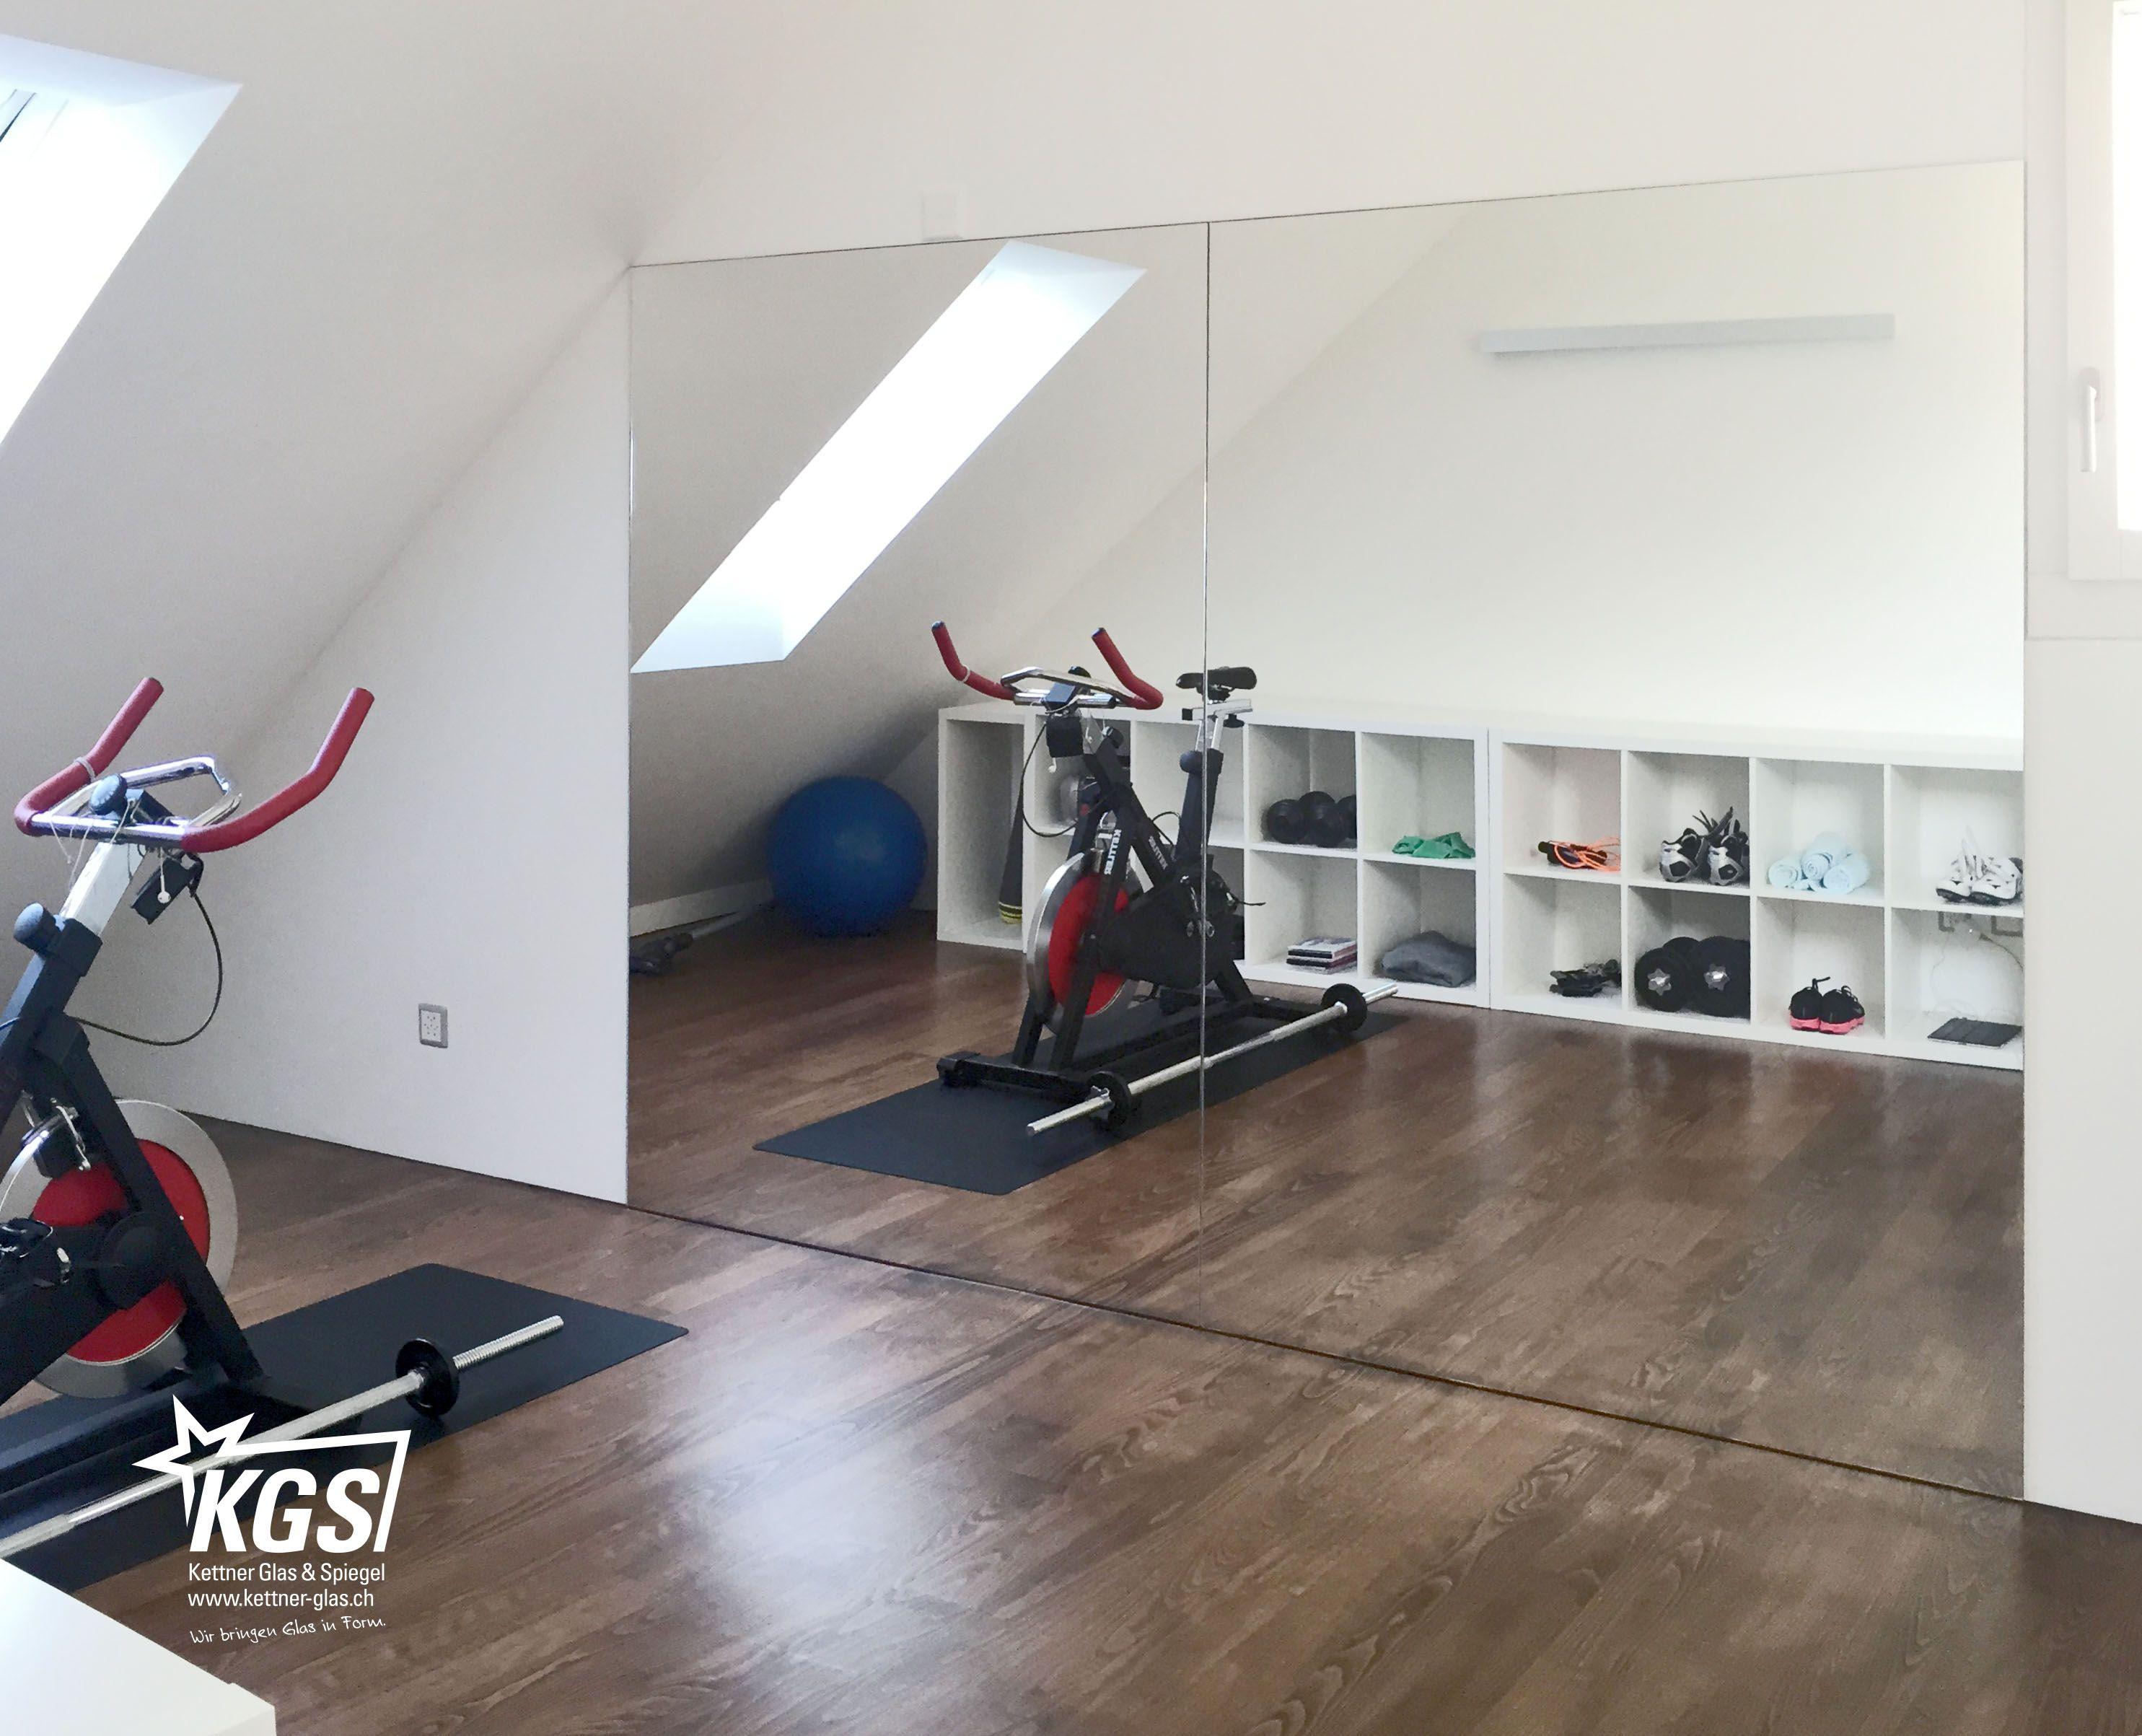 Spiegelwand In Privatem Fitnessraum Von Ihrer Glaserei Grosse Spiegel Oder Spiegelwande Sind Langst Nicht Mehr Nur In Fitnessraum Spiegelwande Sportraum